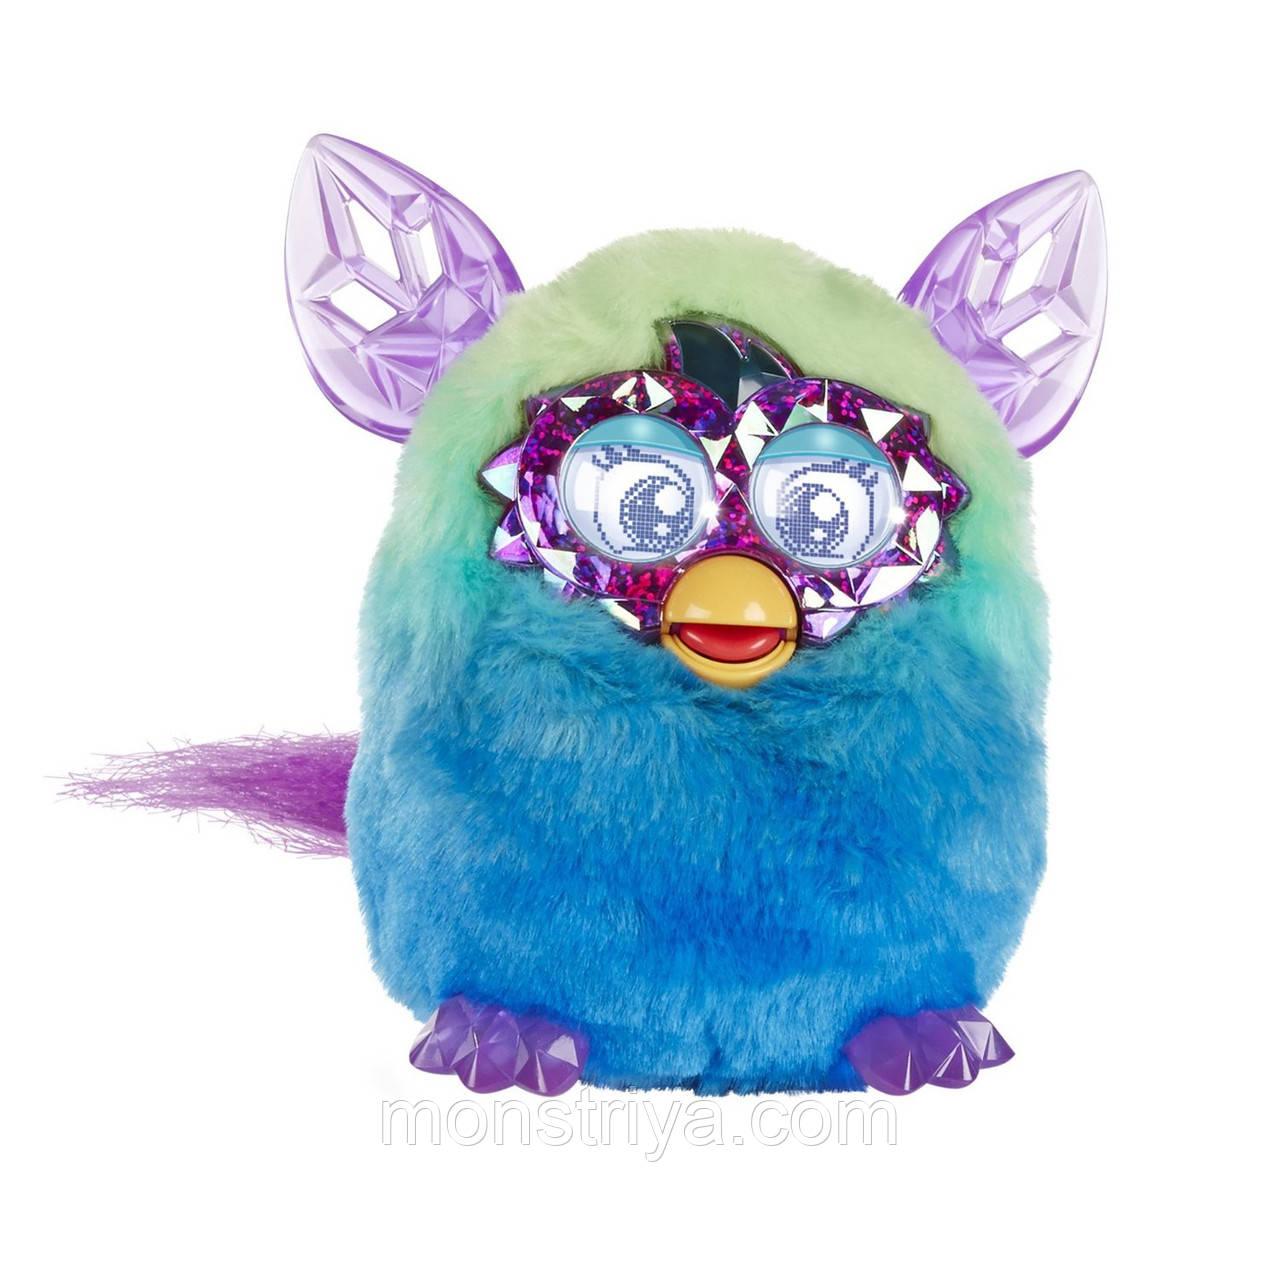 Интерактивная игрушка Furby Boom Crystal .Ферби бум Кристал серия, Киев